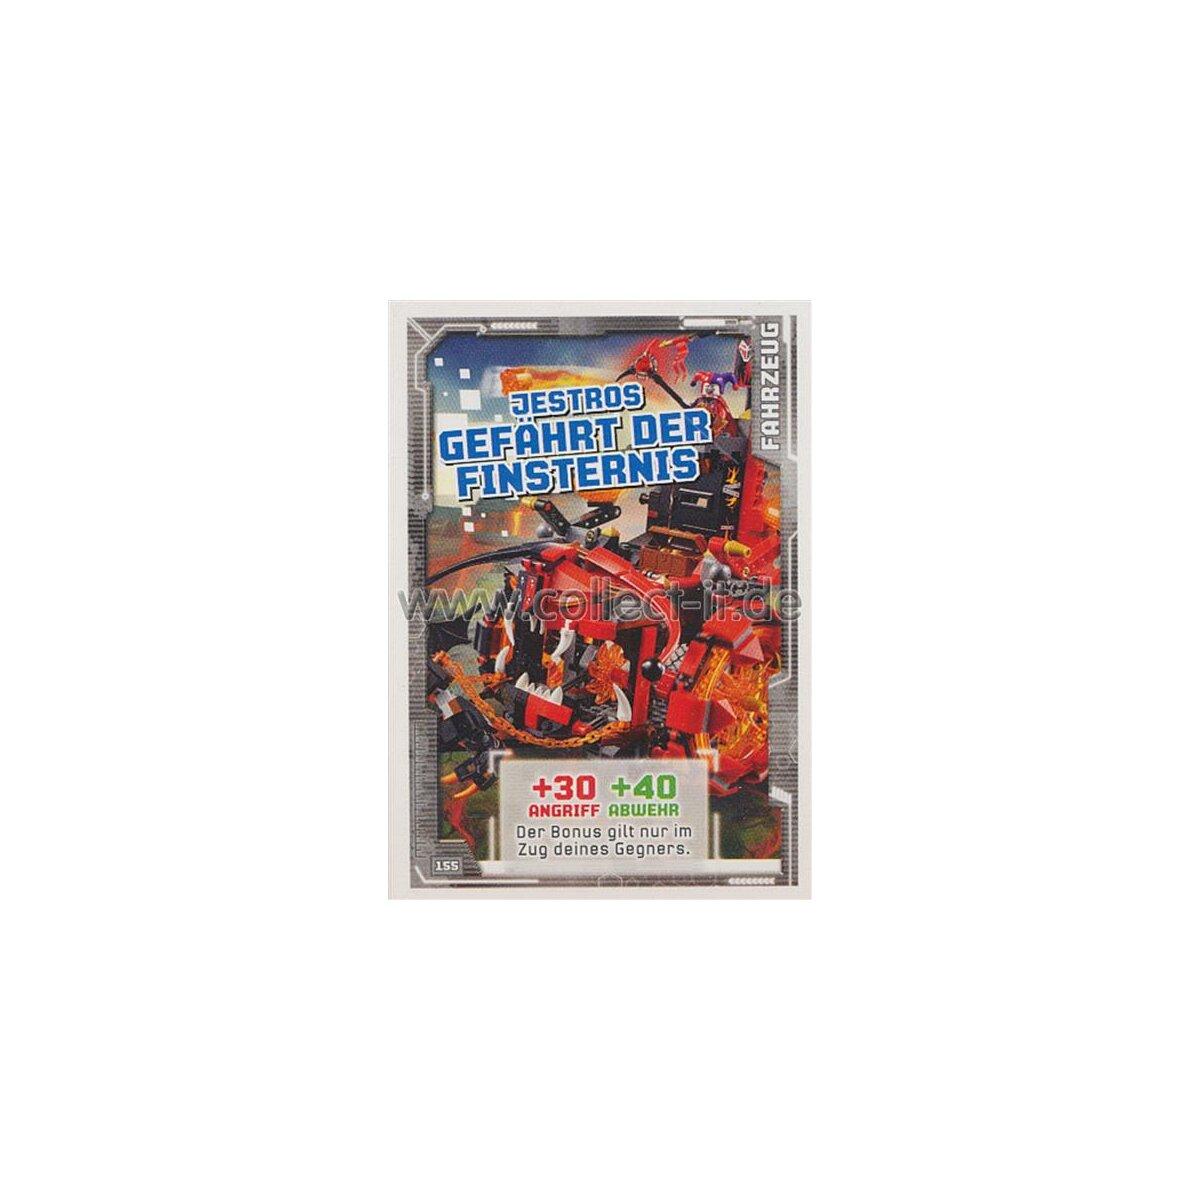 Konige Der Finsternis Karte.Lego Nexo Knights Sammelkarten Serie 1 2016 Seite 3